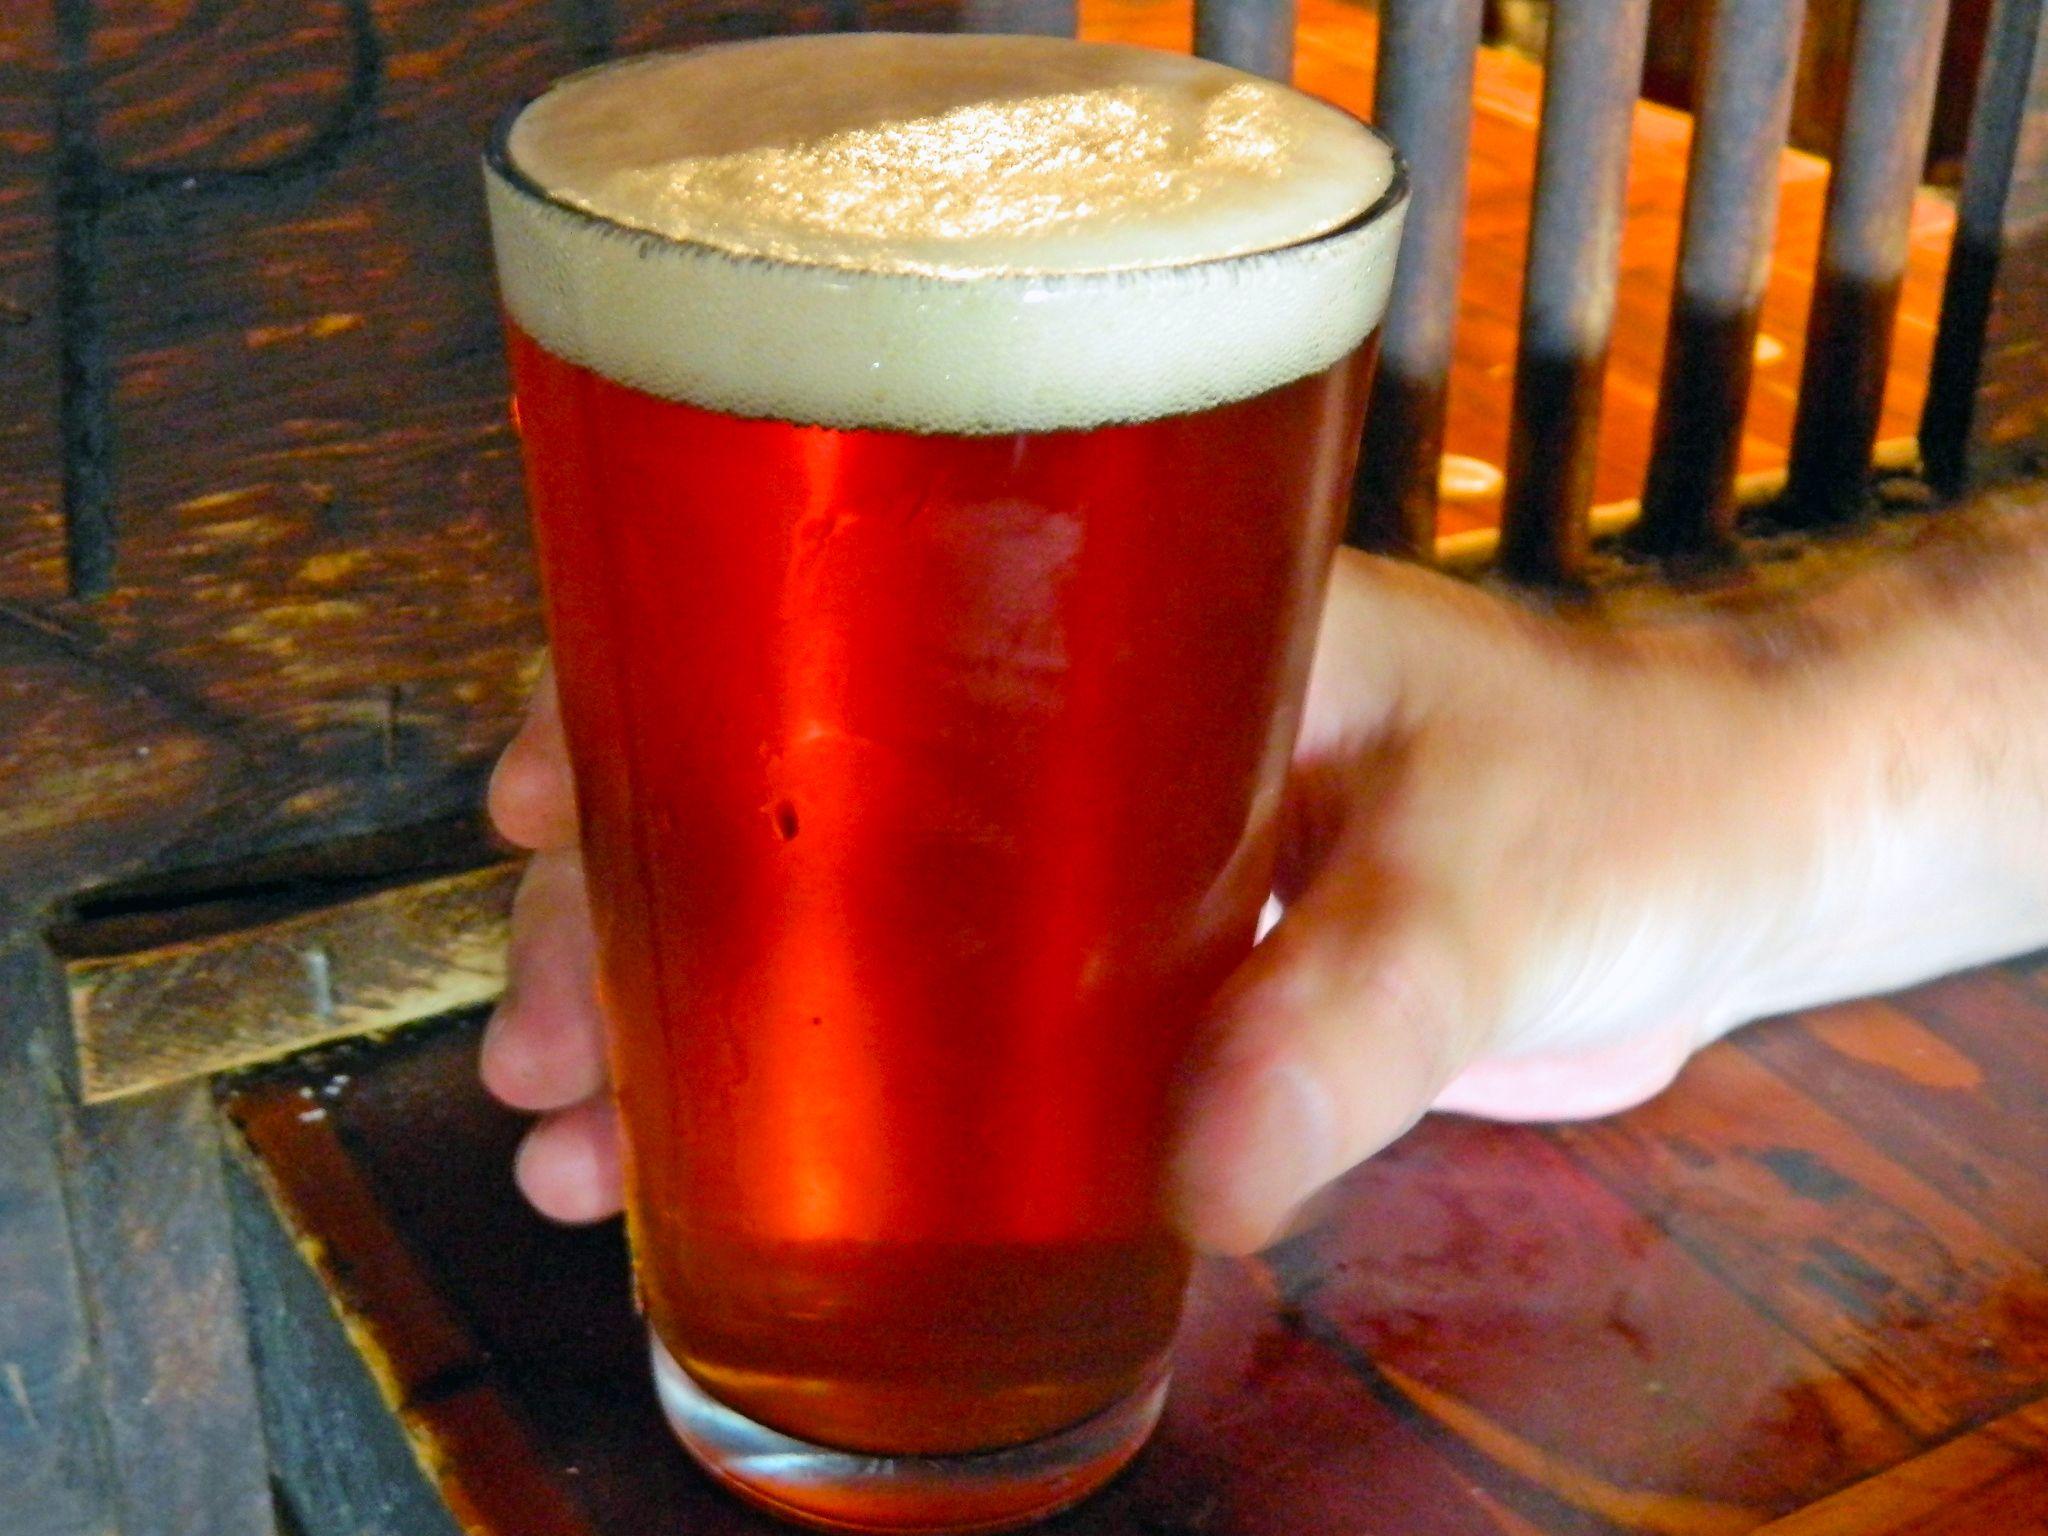 Amber Ale At Pinnacle Peak Patio Steakhouse.